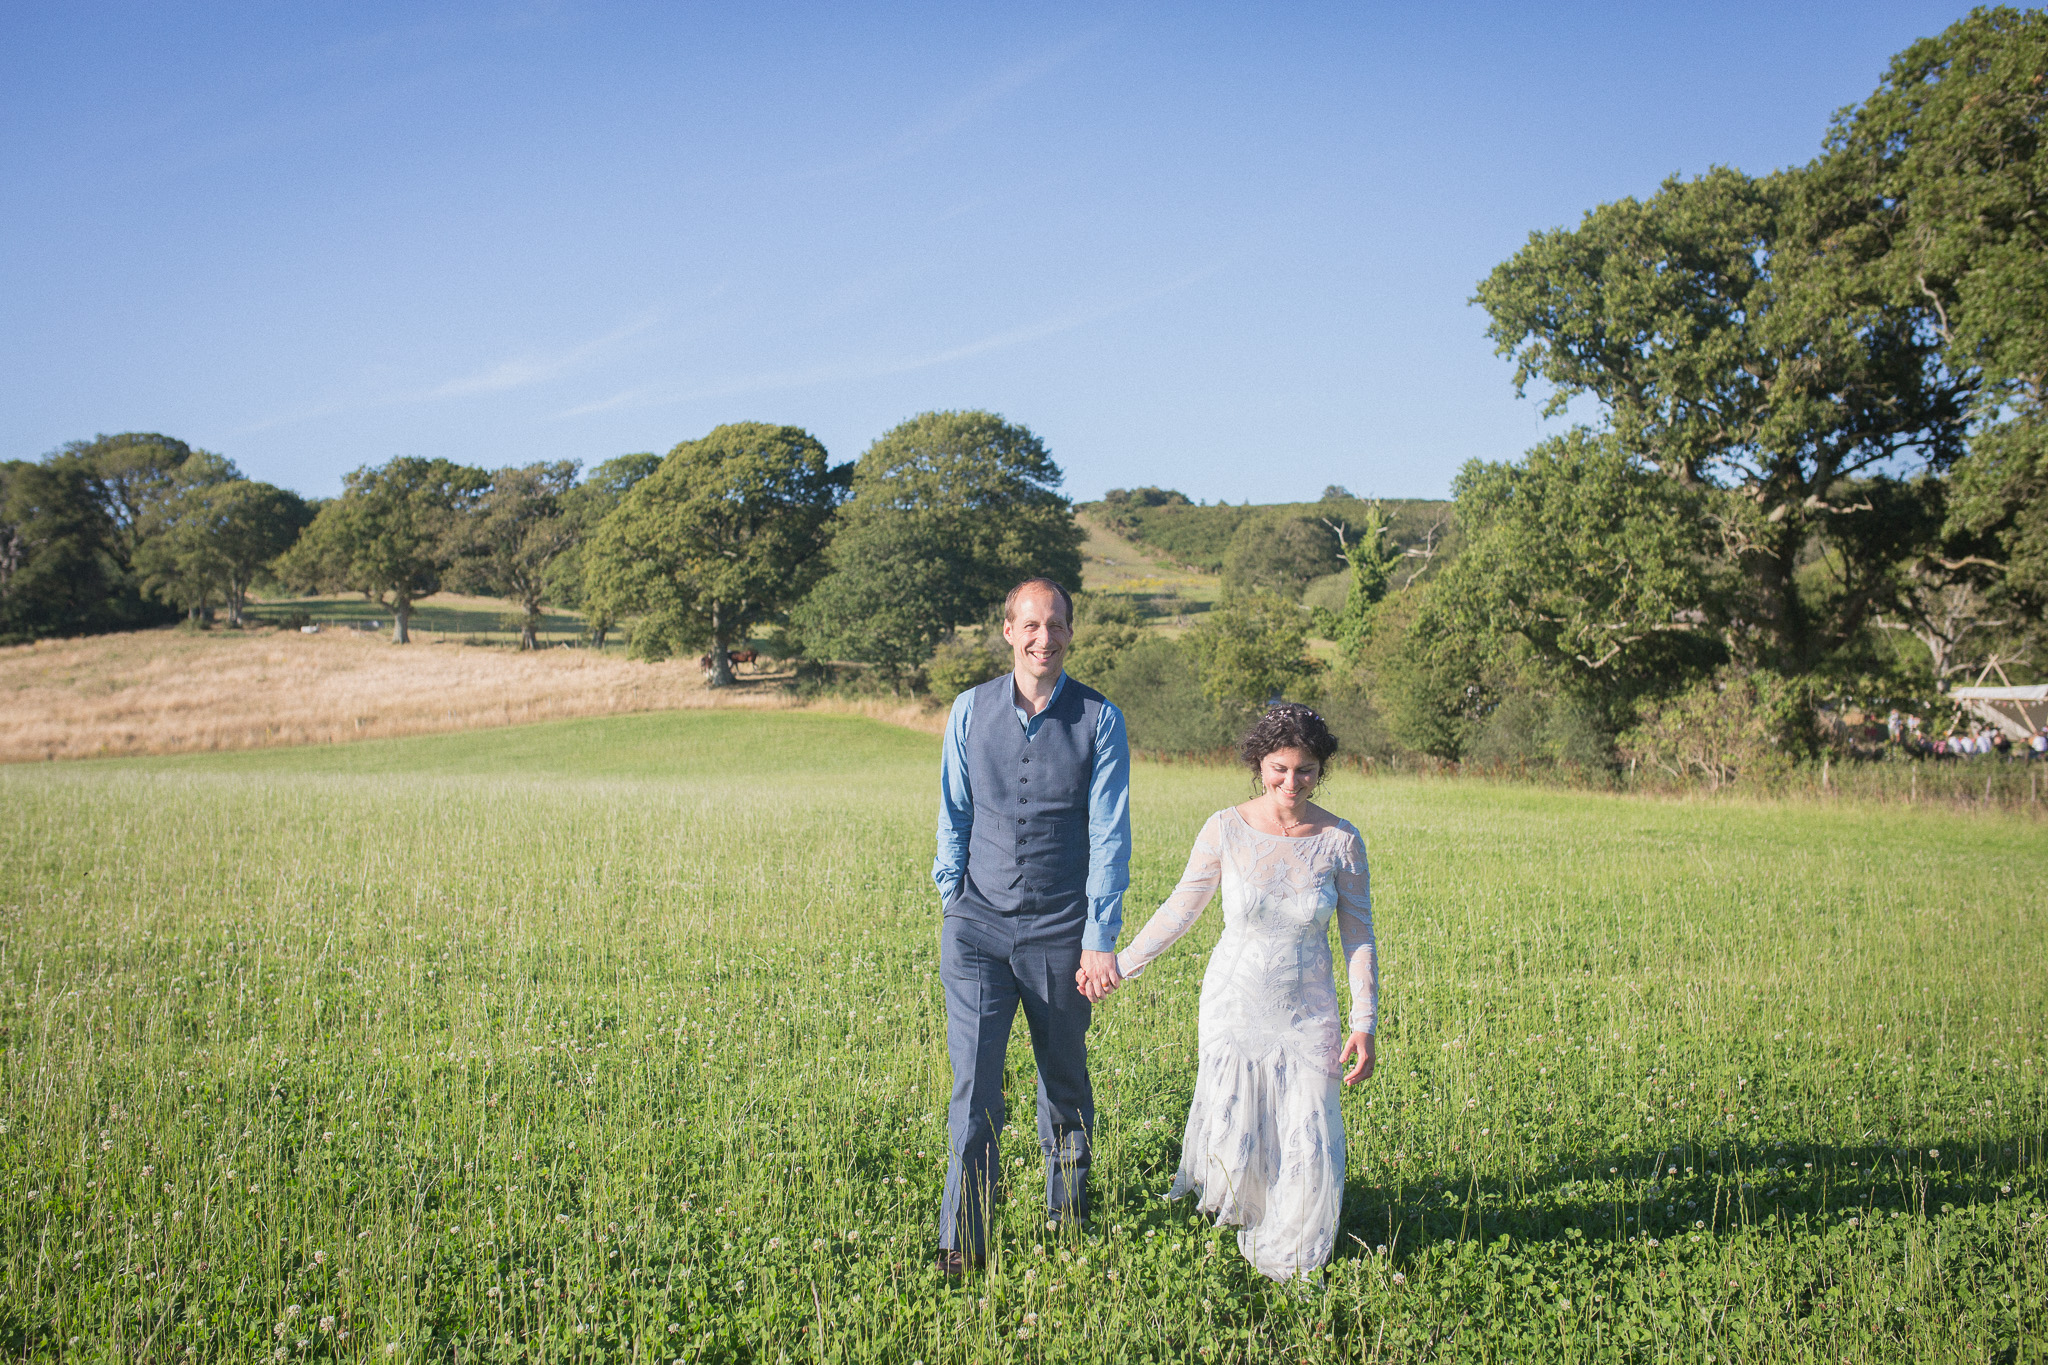 Elisa-Ryan-Rustic-Wedding-Blog-135.jpg